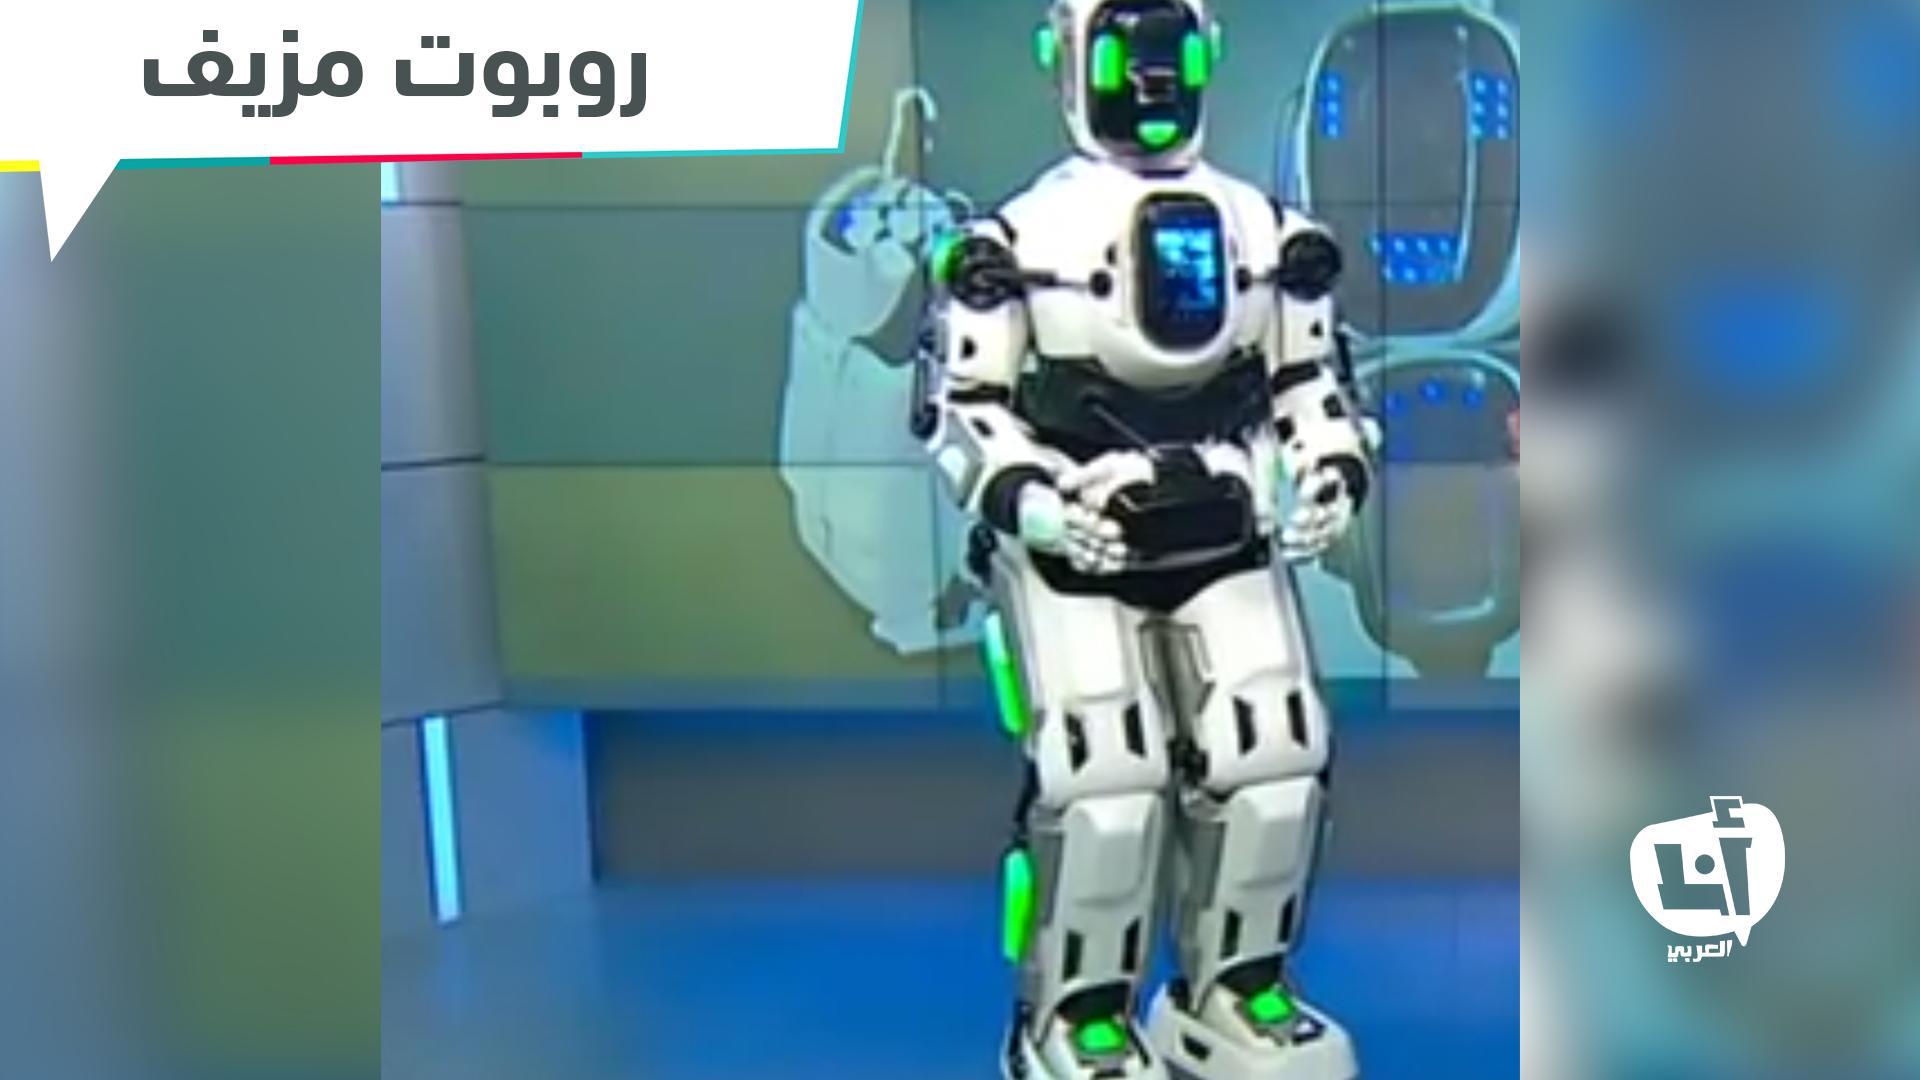 روبوت مزيف